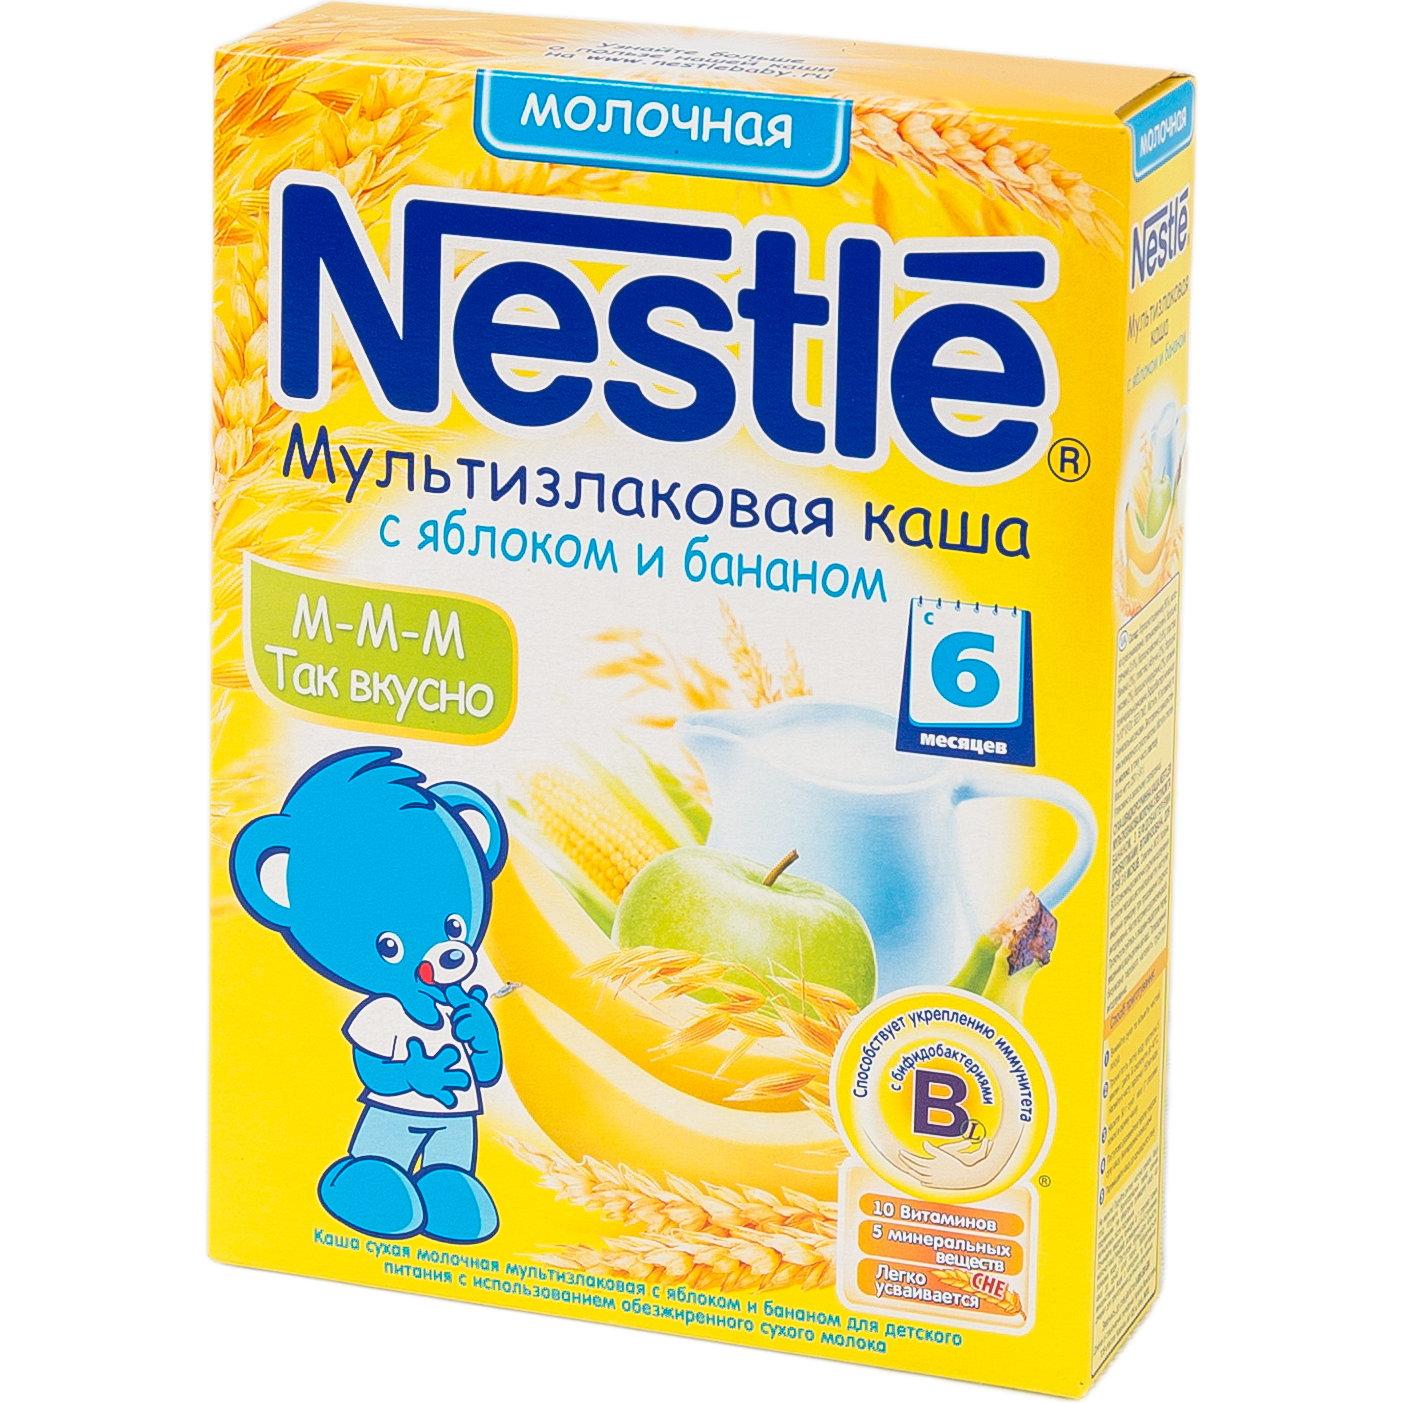 Каша Nestle молочная 250 гр Мультизлаковая с яблоком и бананом (с 6 мес)<br>